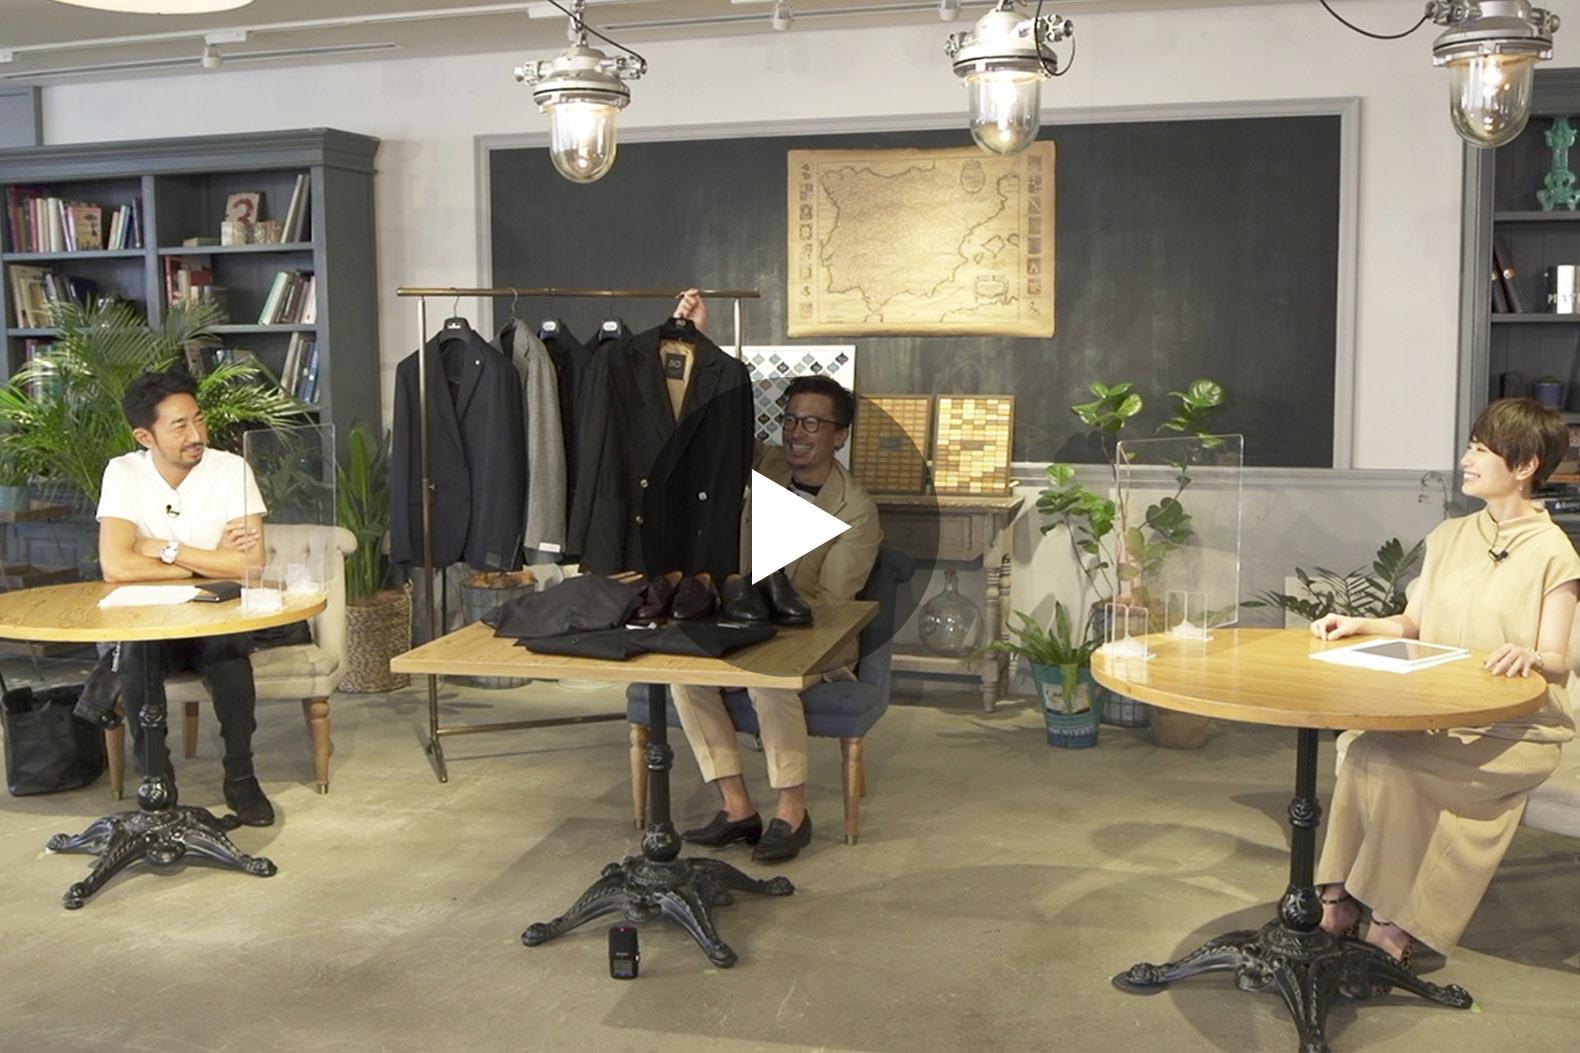 今年の秋服どこで買う? ついにイセタンメンズがBRで買える!